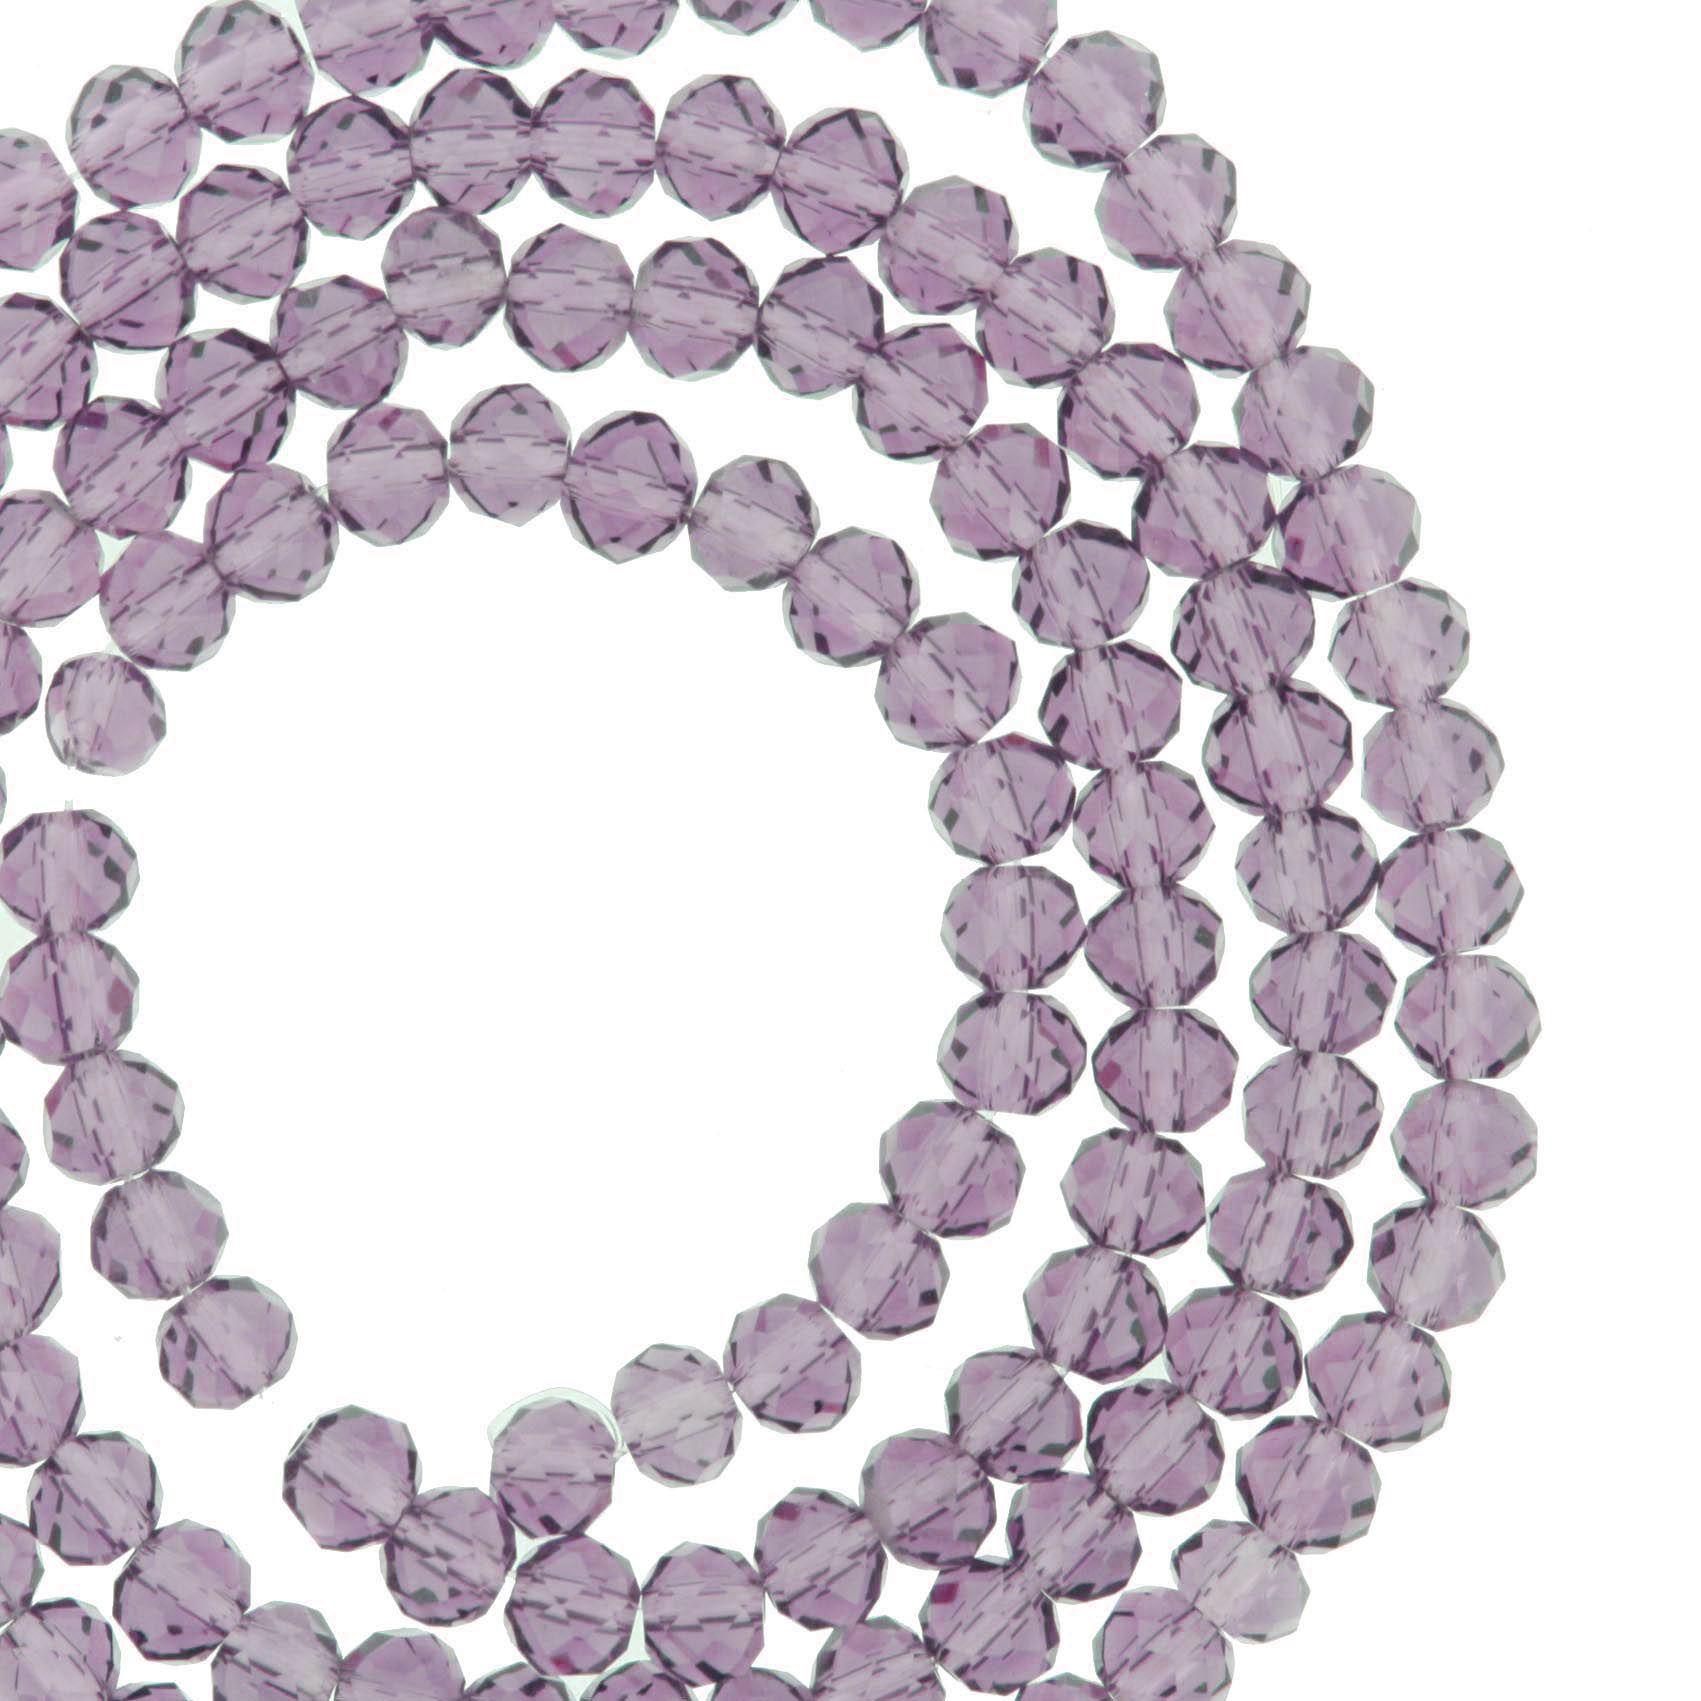 Fio de Cristal - Piatto® - Roxo Transparente - 4mm  - Universo Religioso® - Artigos de Umbanda e Candomblé